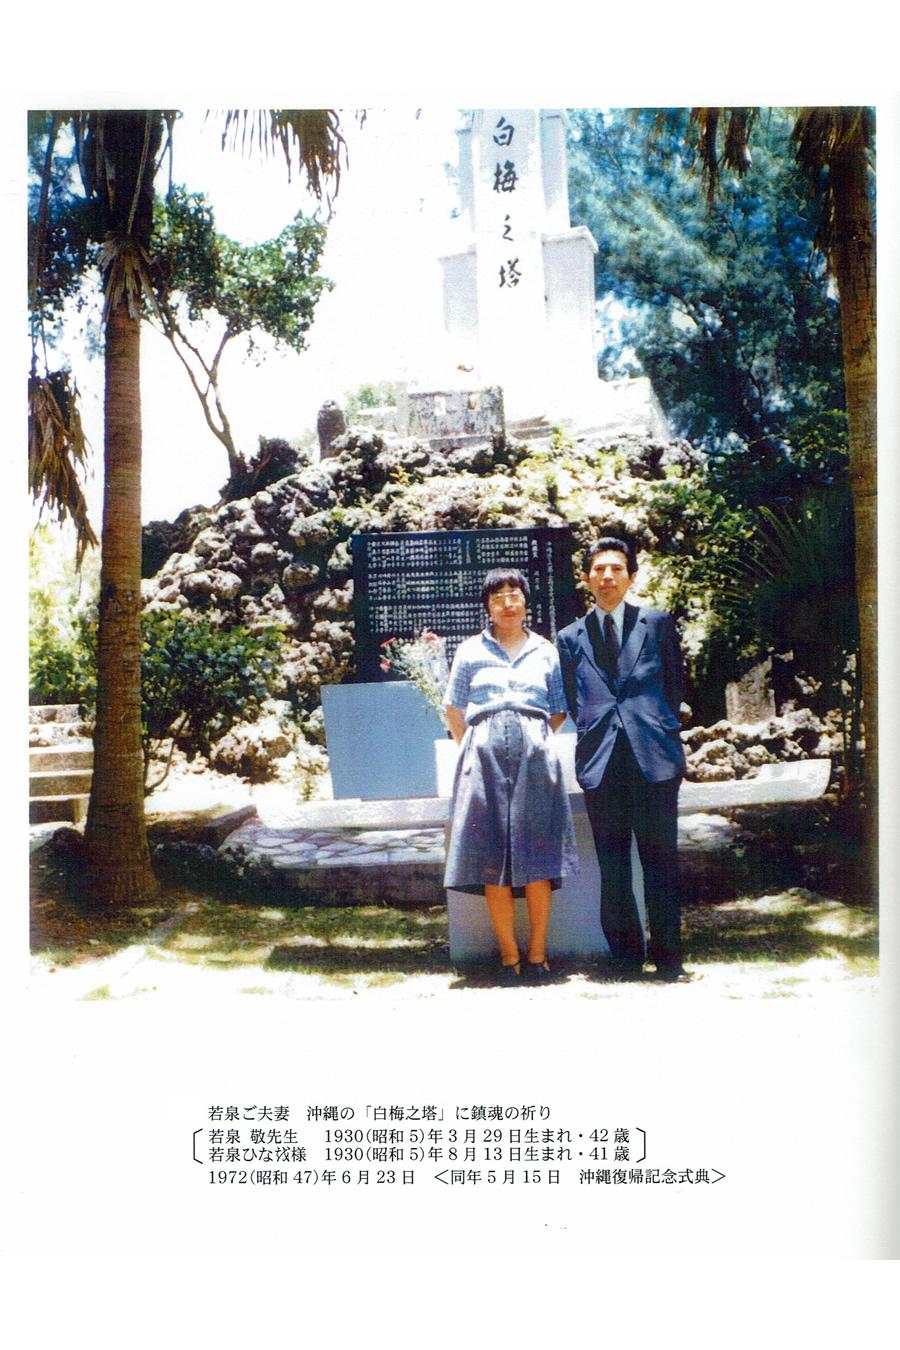 若泉ご夫妻 沖縄の「白梅之塔」に鎮魂の祈り